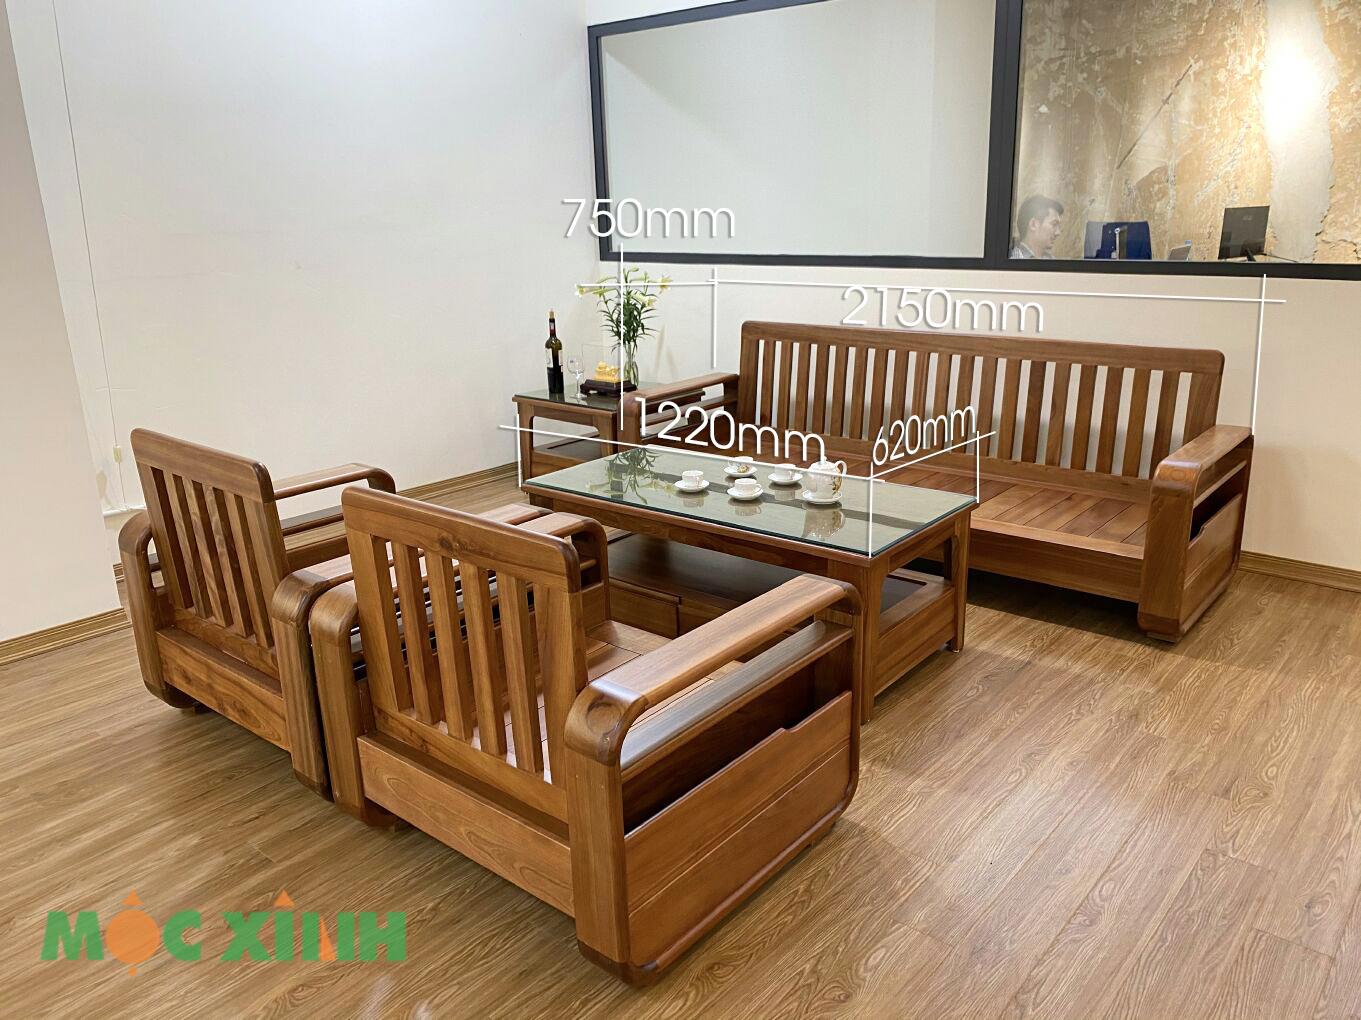 Thông số kích thước của mẫu bộ bàn ghế phòng khách gỗ xoan đào